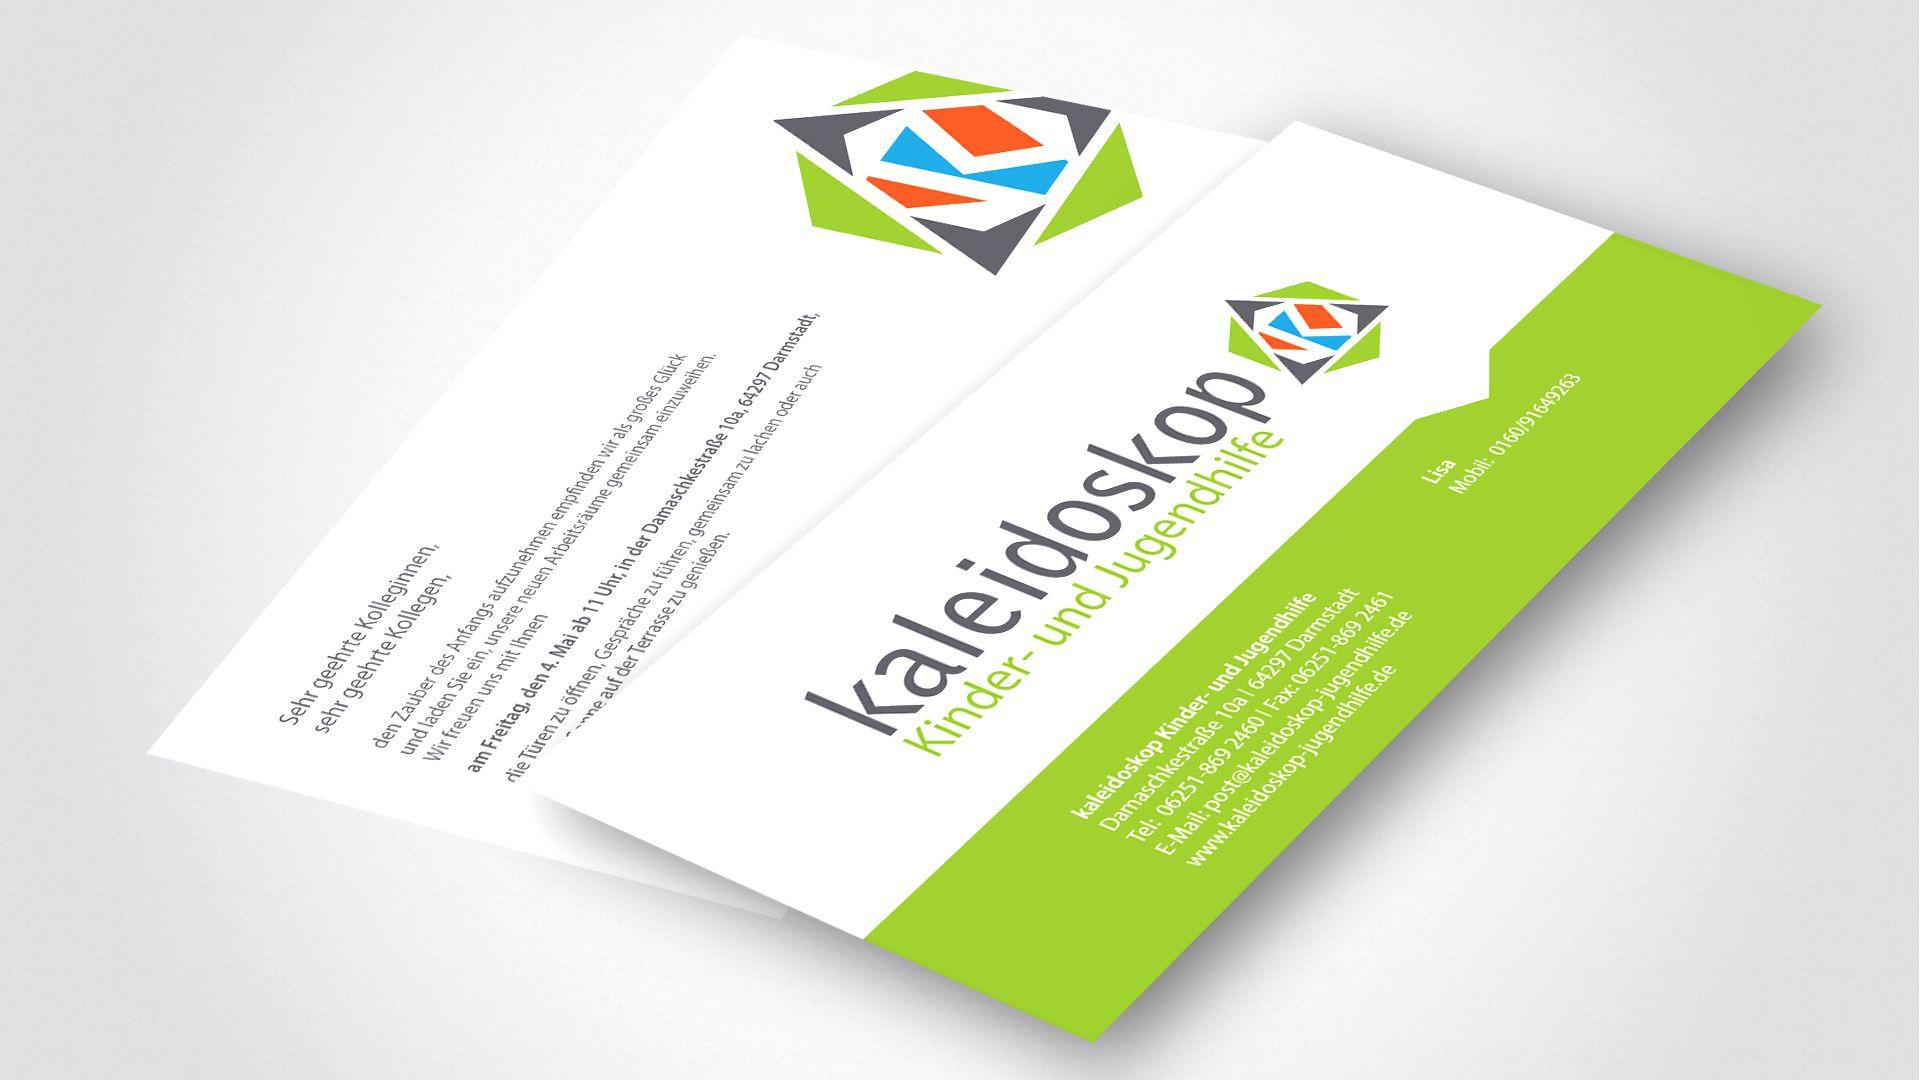 Kaleidoskop gGmbH – Kinder- und Jugendhilfe in Darmstadt